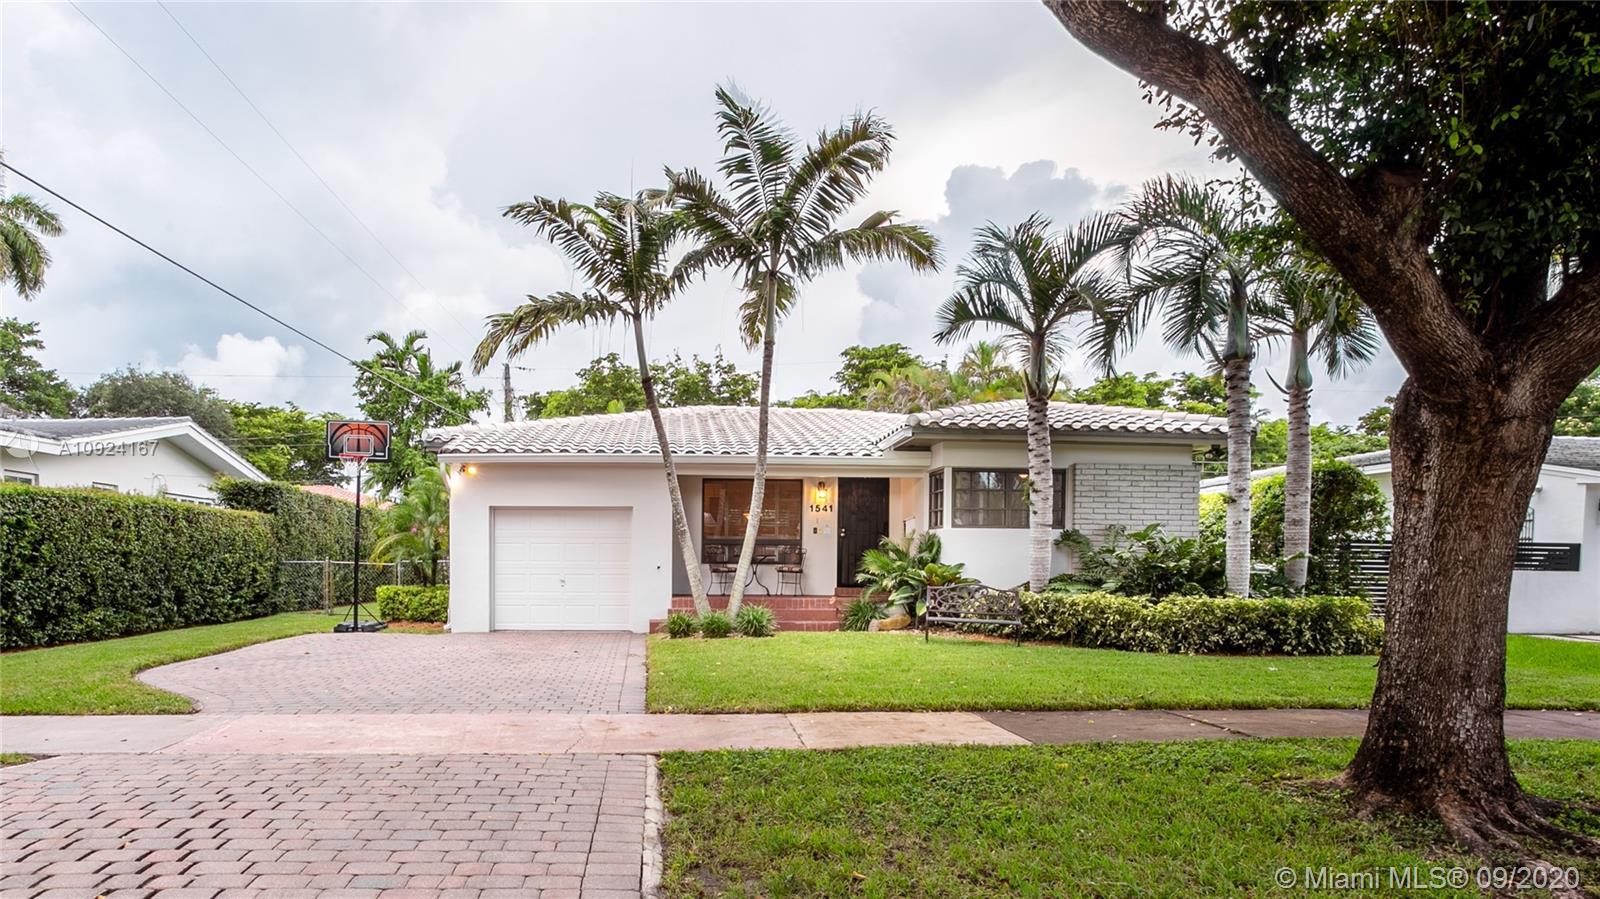 1541  Consolata Ave  For Sale A10924167, FL